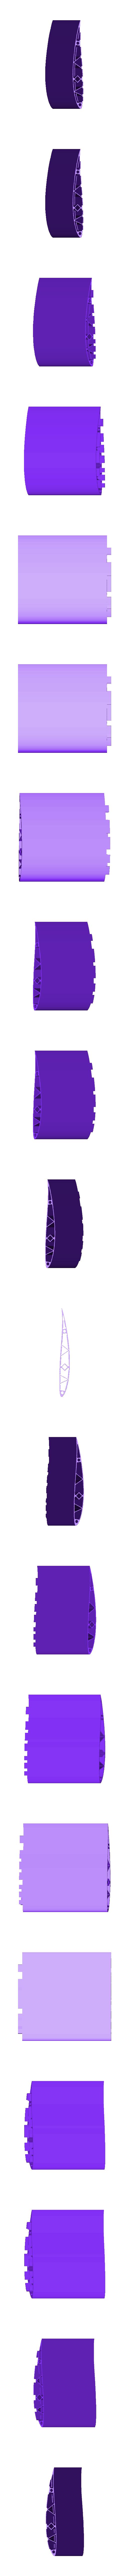 Wing_panel_L.stl Télécharger fichier STL gratuit Planeur modulaire RC Sailplane entièrement imprimé en 3D. • Objet à imprimer en 3D, Georgemacghay